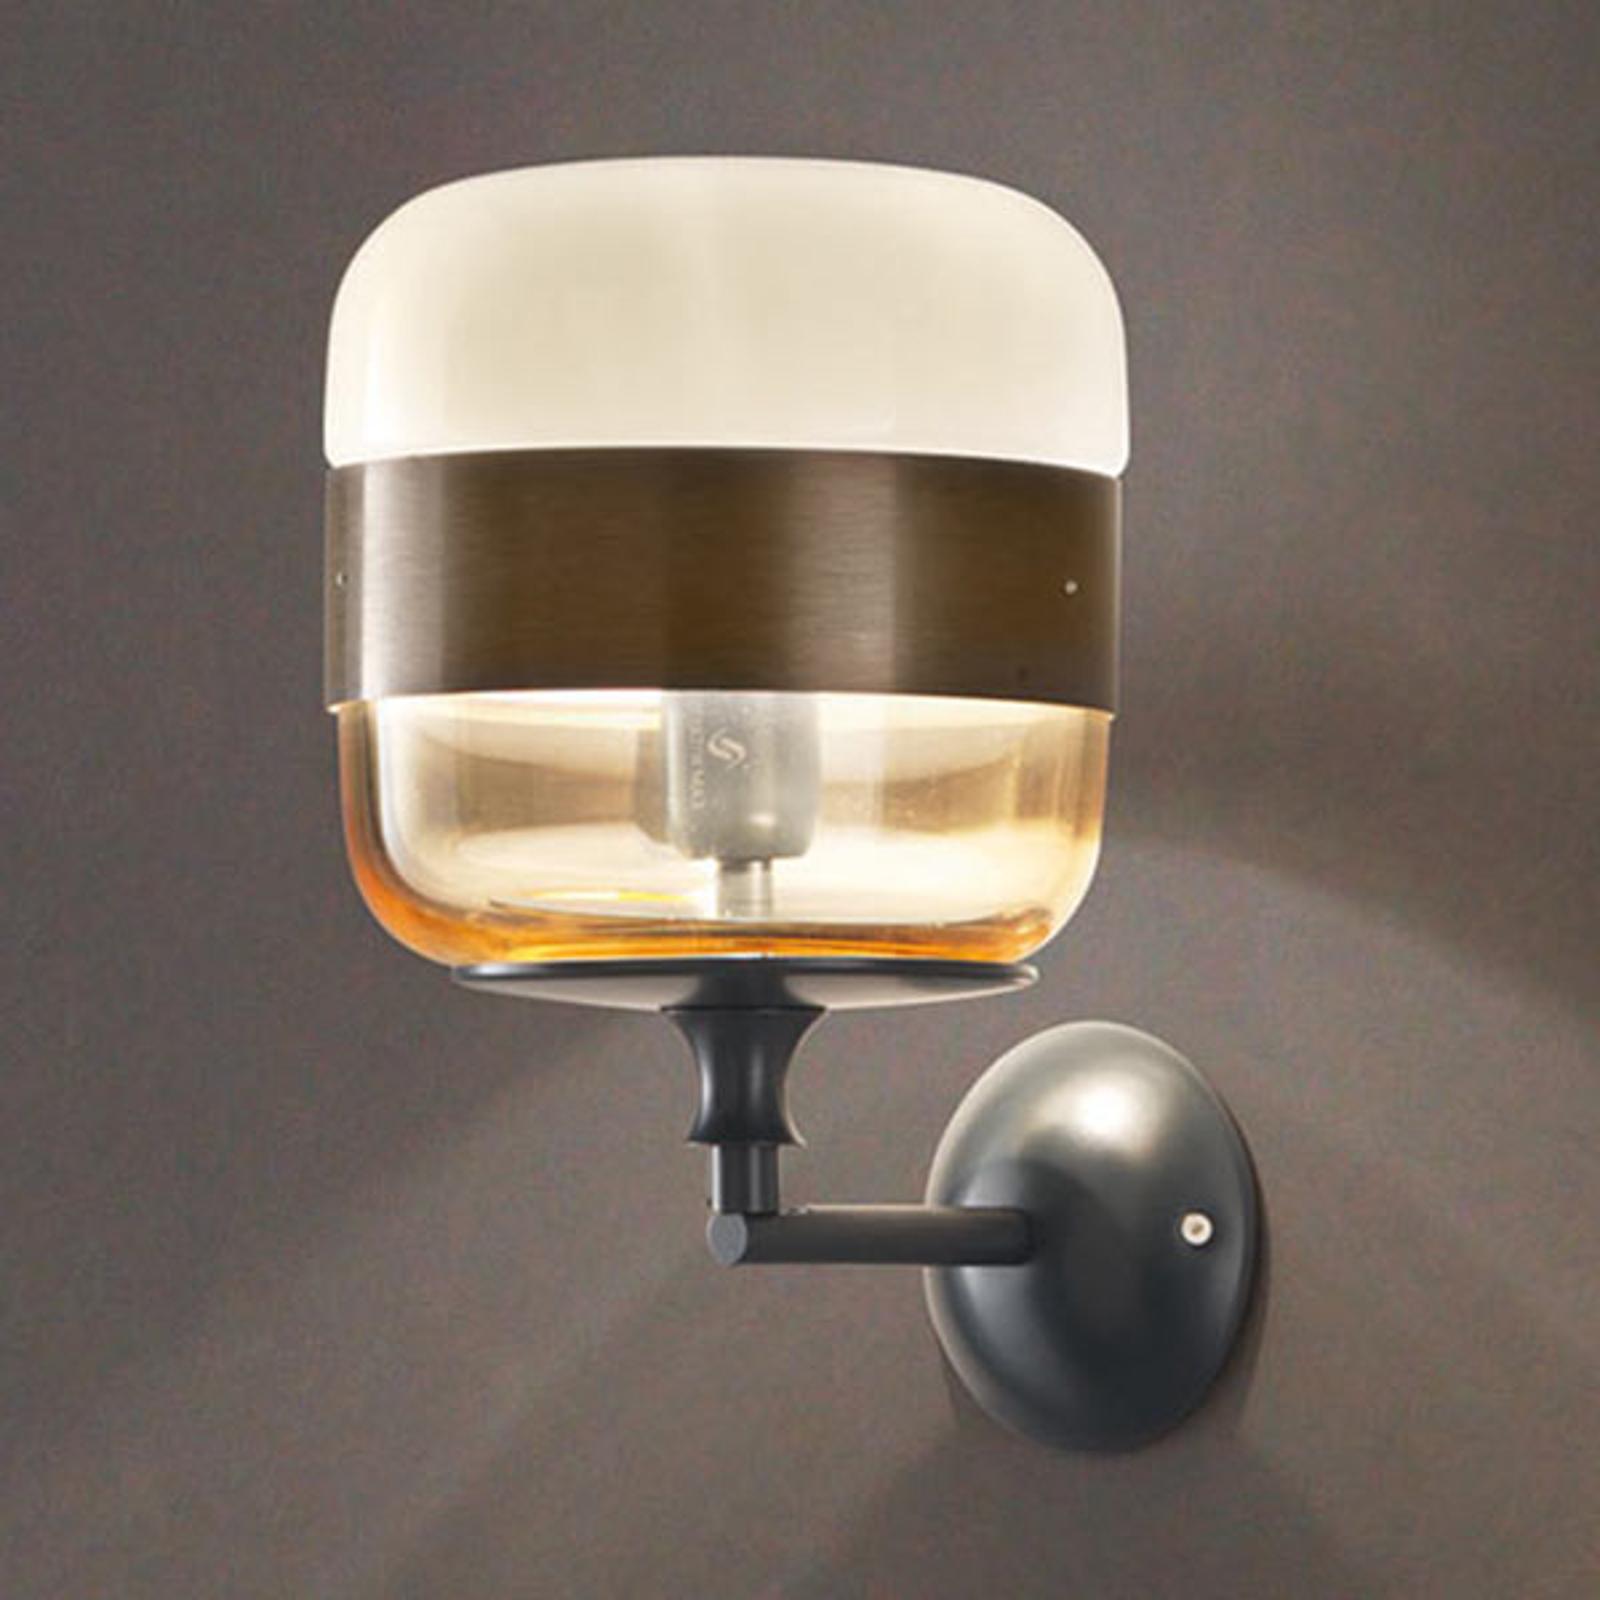 Designer-Wandleuchte Futura aus Glas, bronze